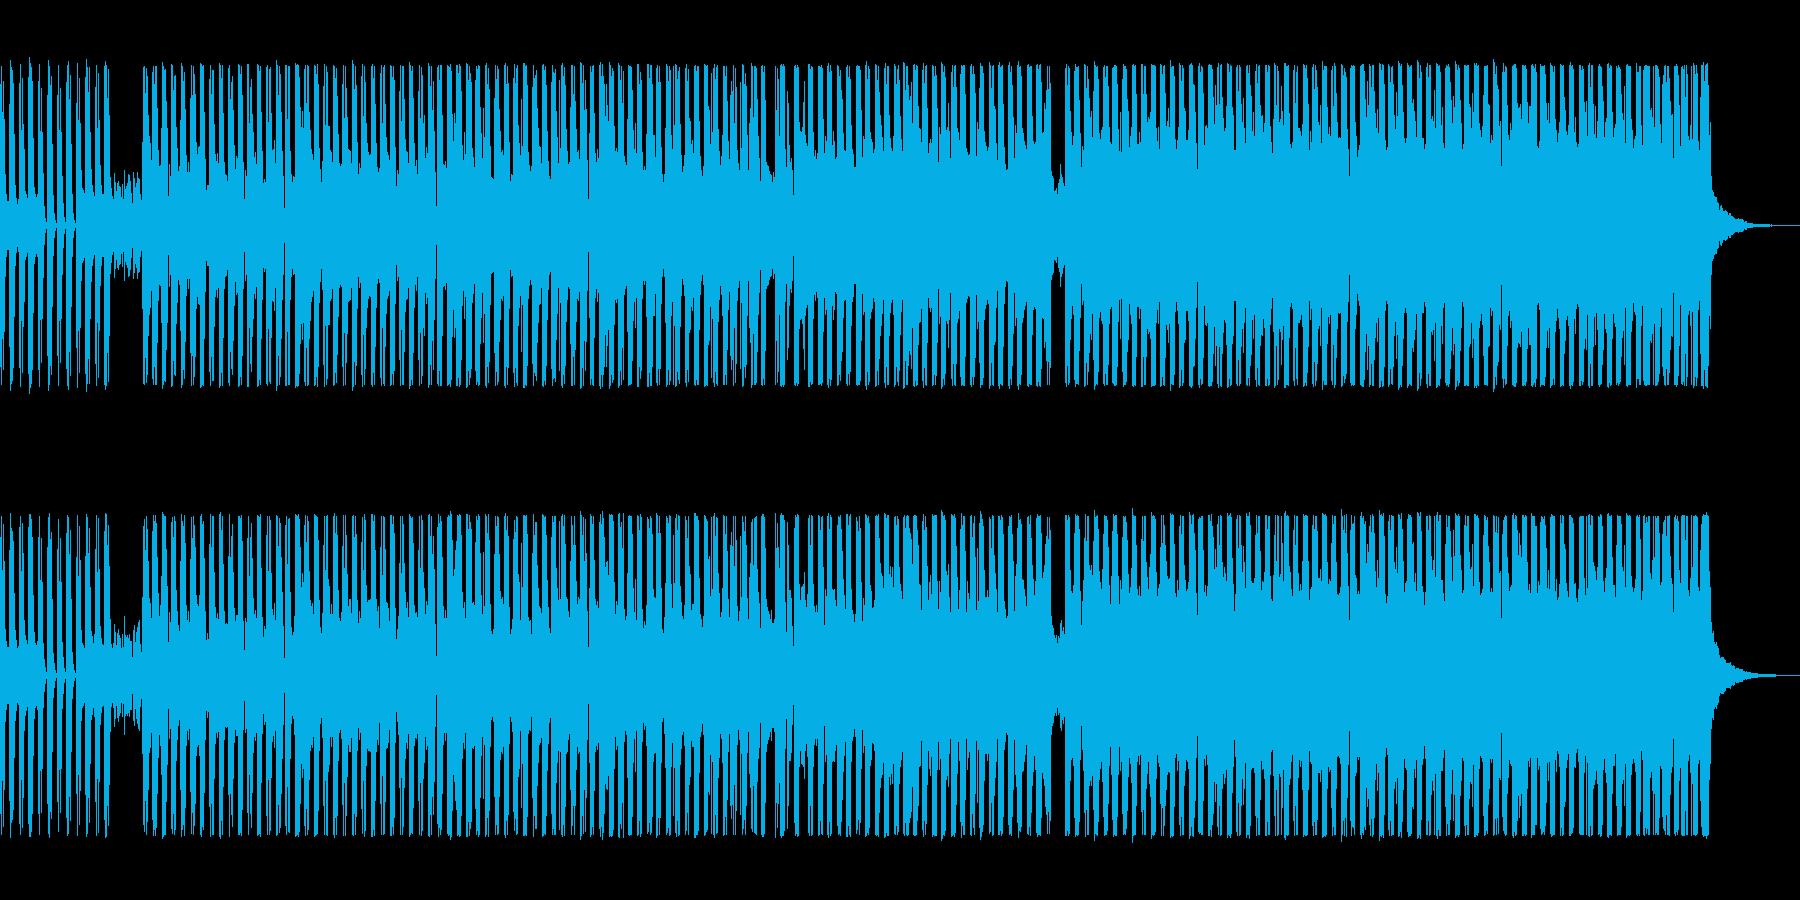 シンセとスラップベースの80sロックの再生済みの波形